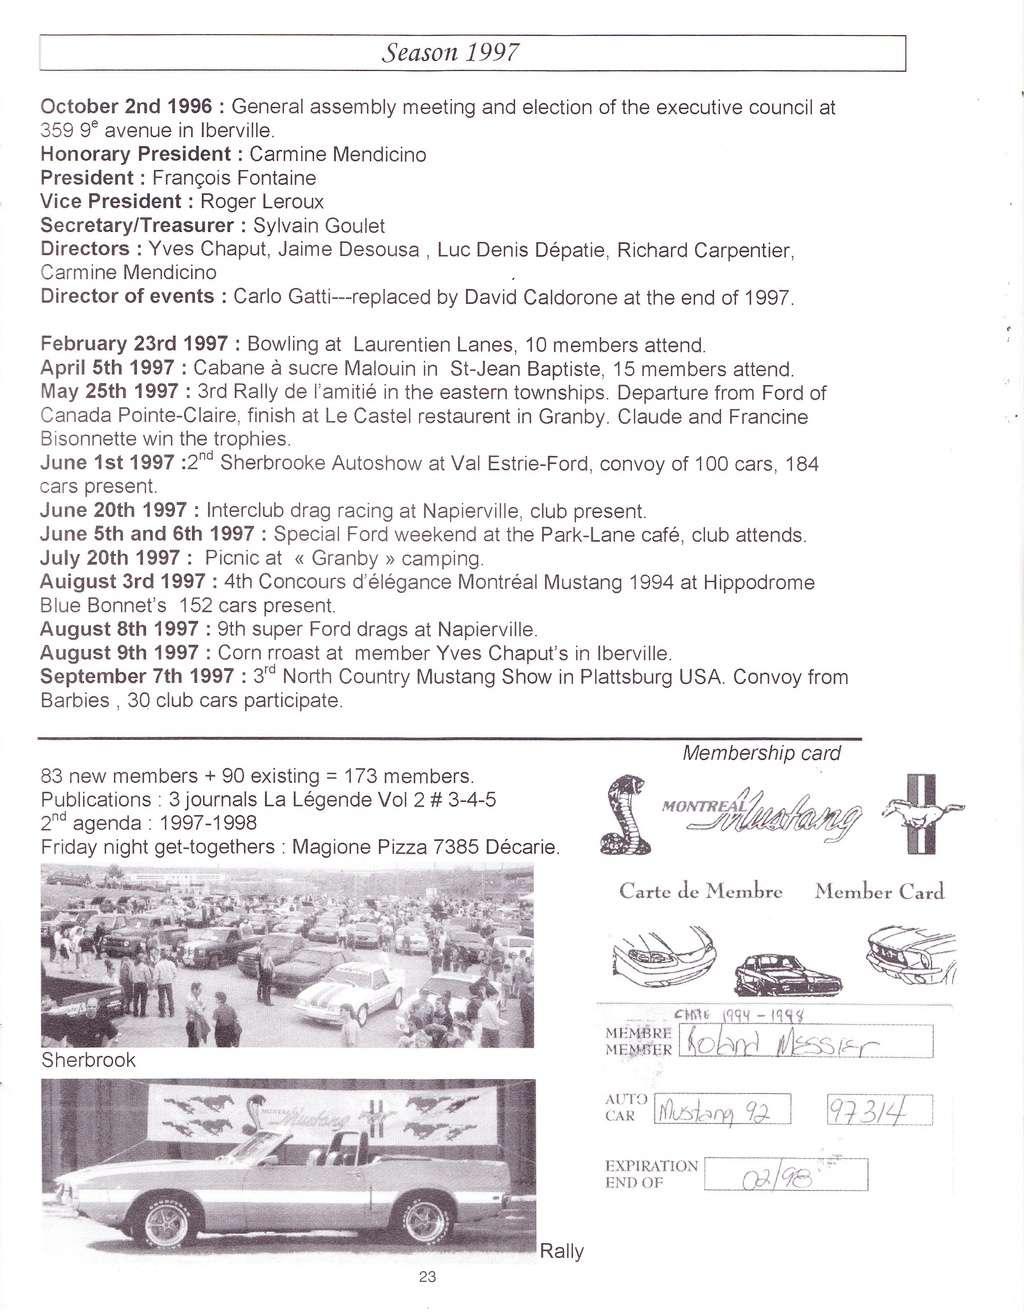 Montréal Mustang dans le temps! 1981 à aujourd'hui (Histoire en photos) La_lyg58